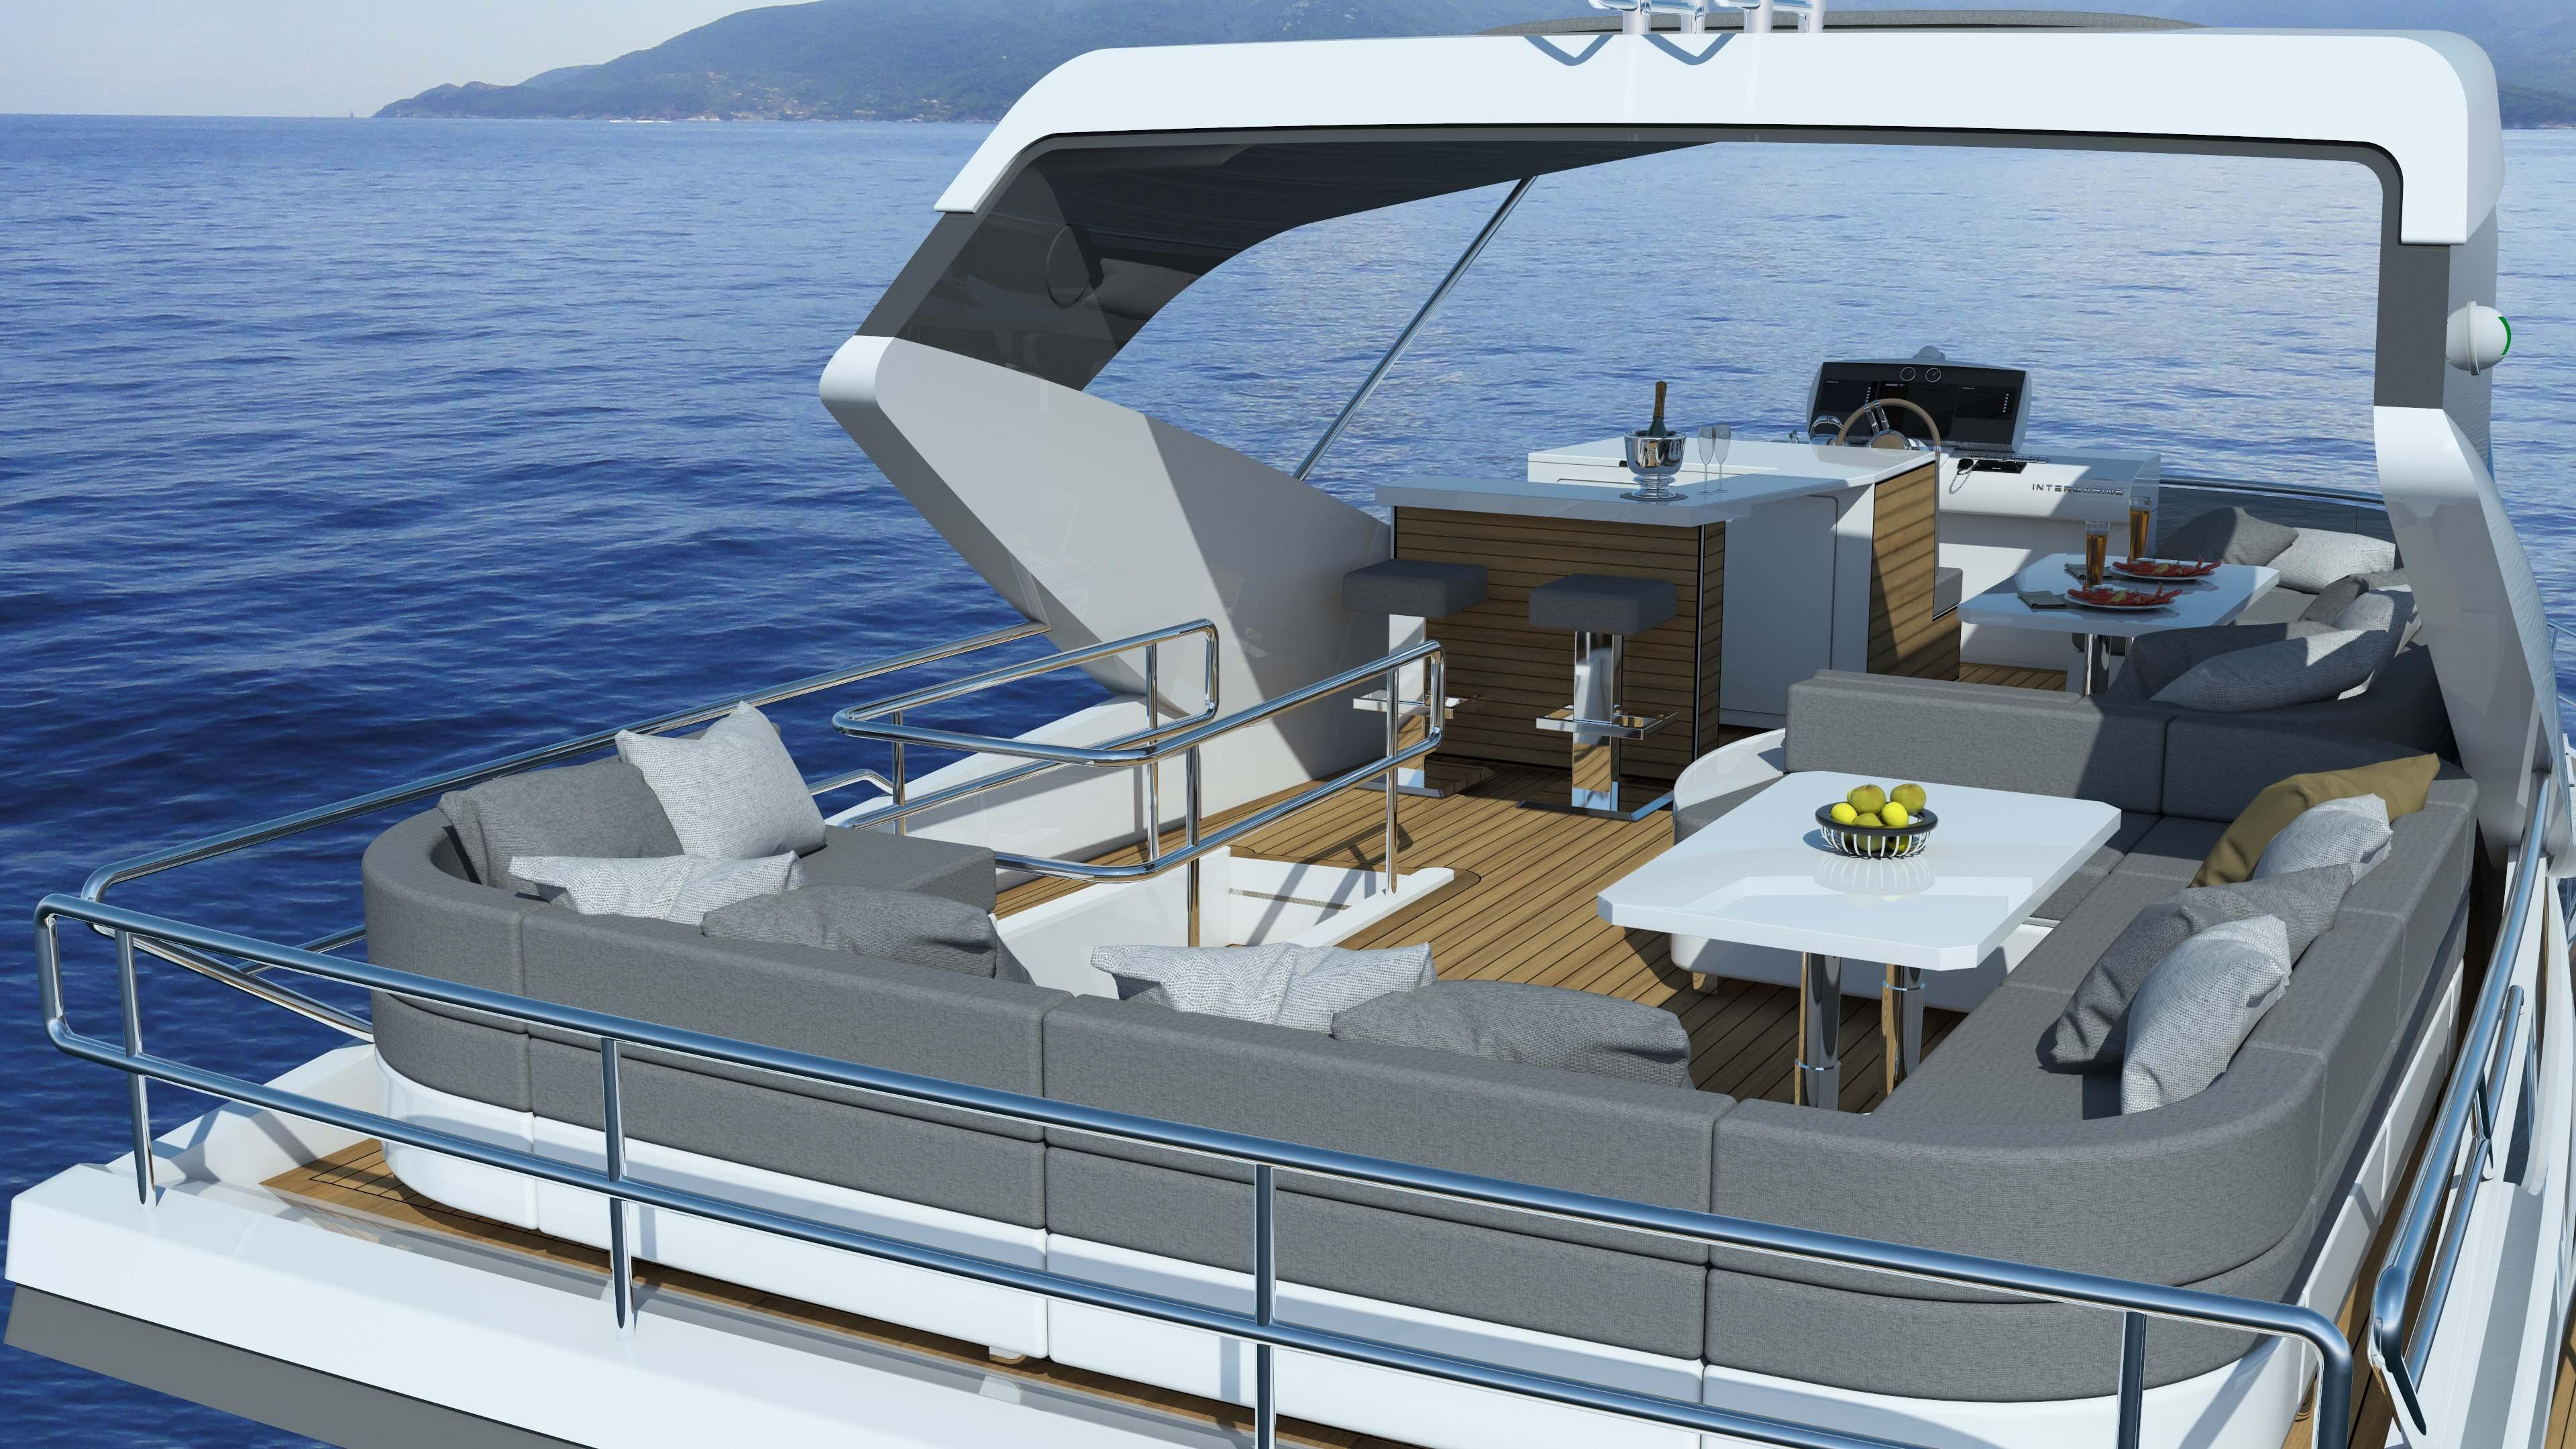 O luxo do Intermarine 62 (Foto: Divulgação)